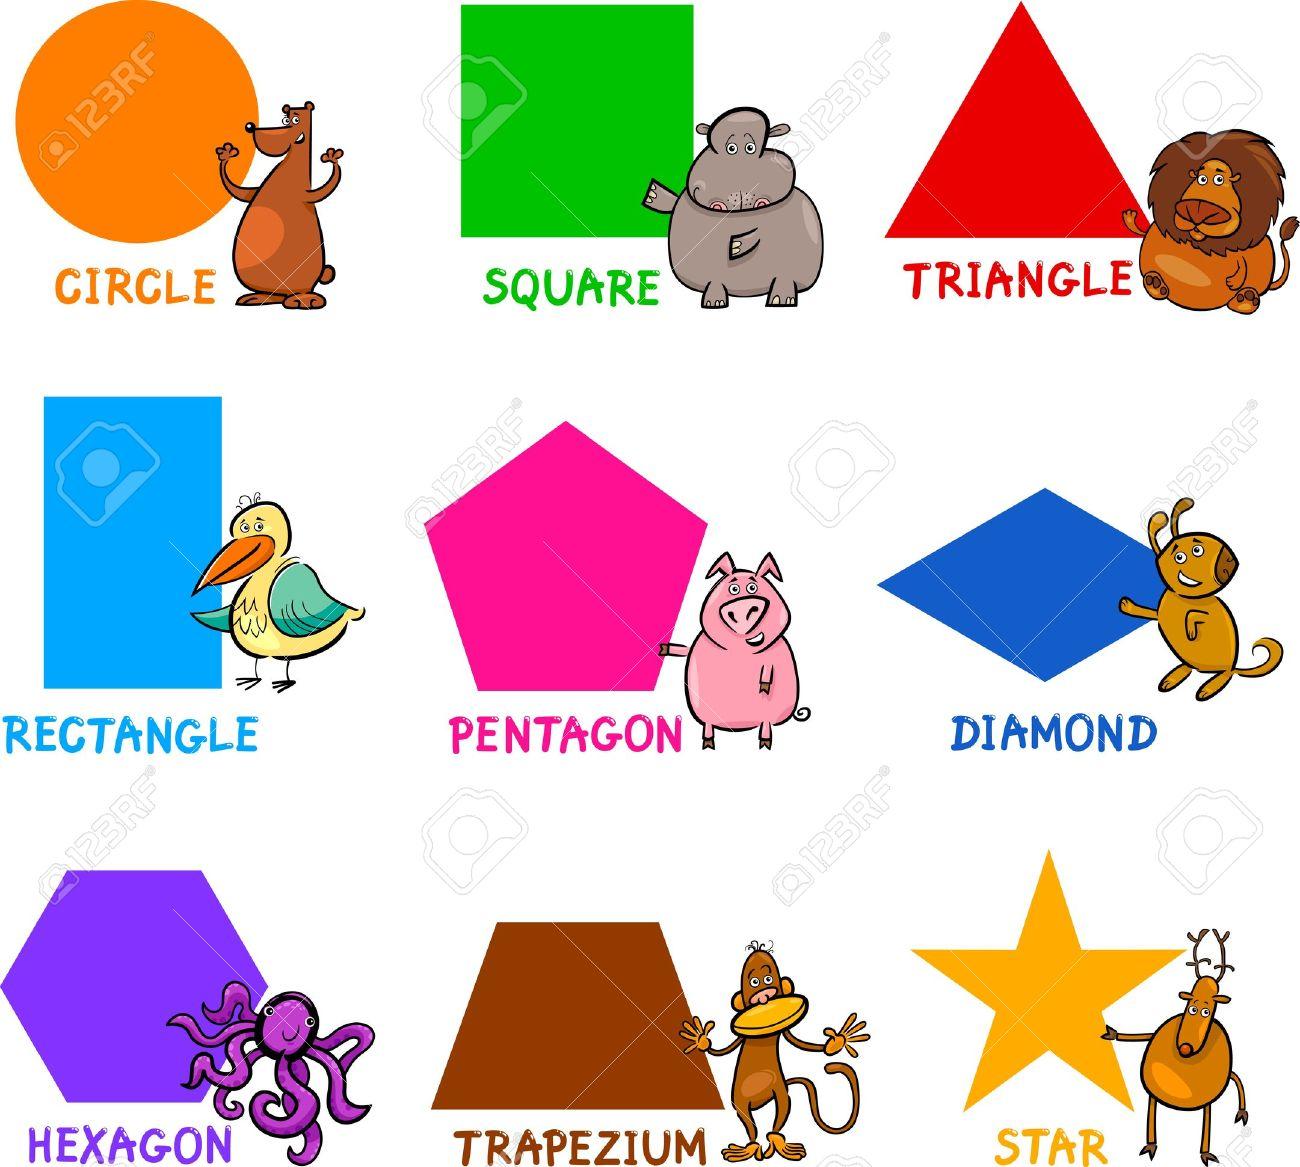 Cartoon Illustration Of Basic Geometric Shapes With Captions.